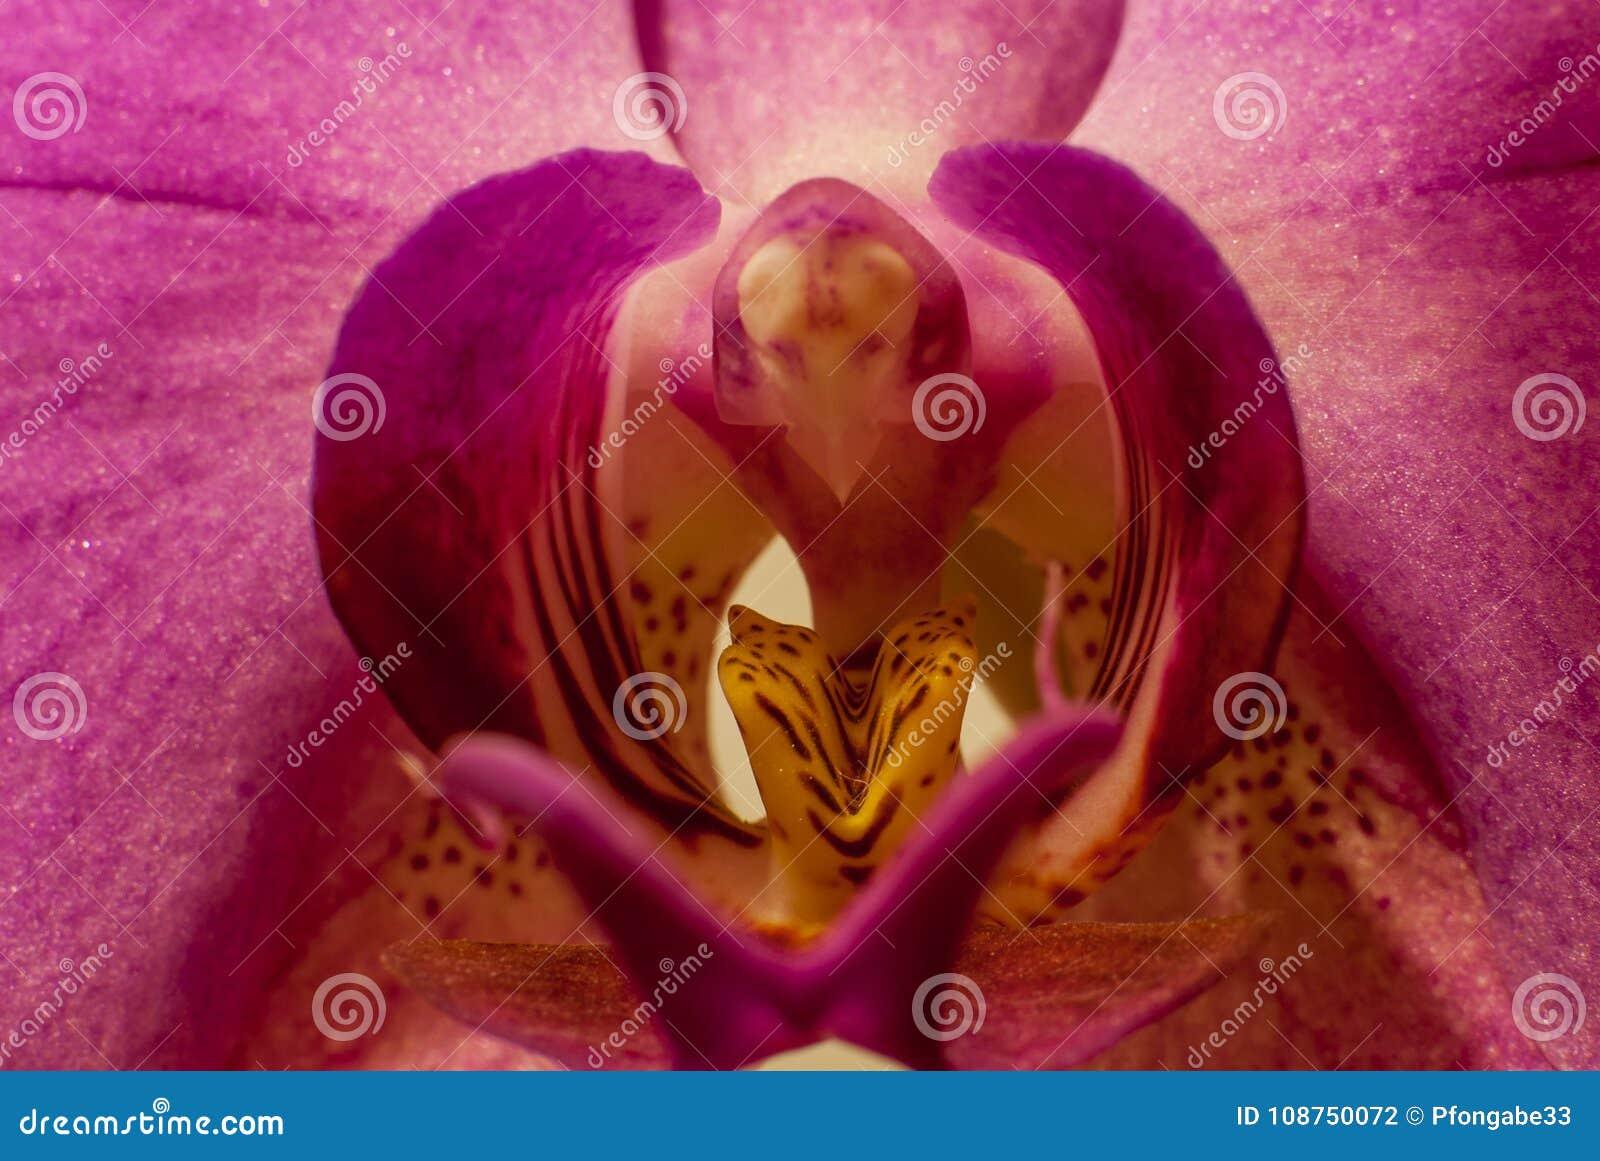 Härlig malvafärgad makro för orkidéphalaenopsisaphrodite på mittståndare